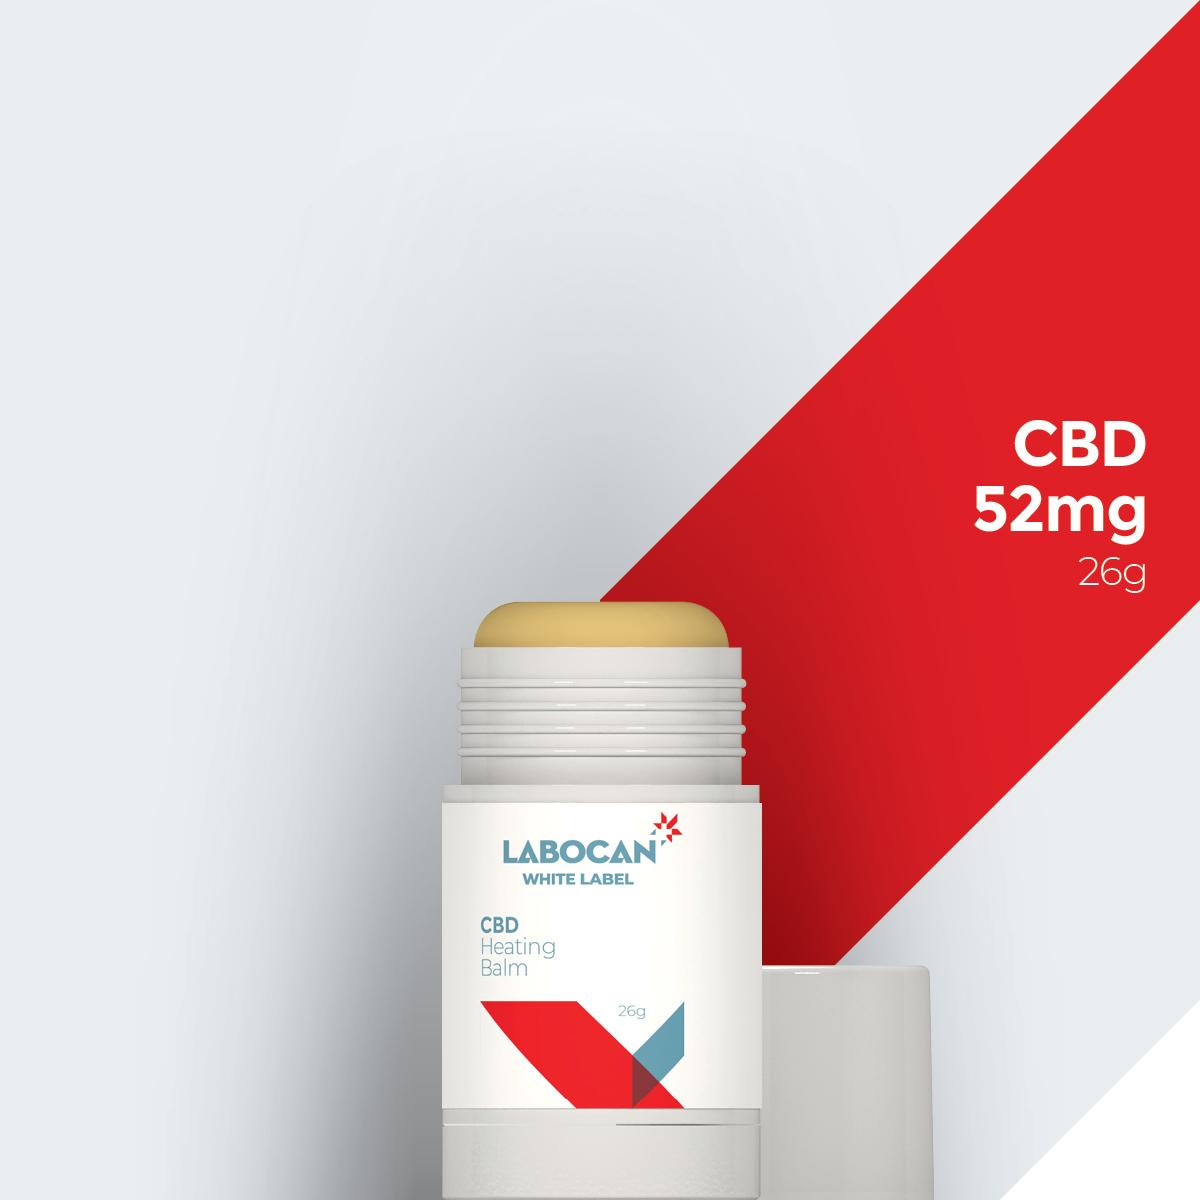 Labocan White Label CBD Heizbalsam